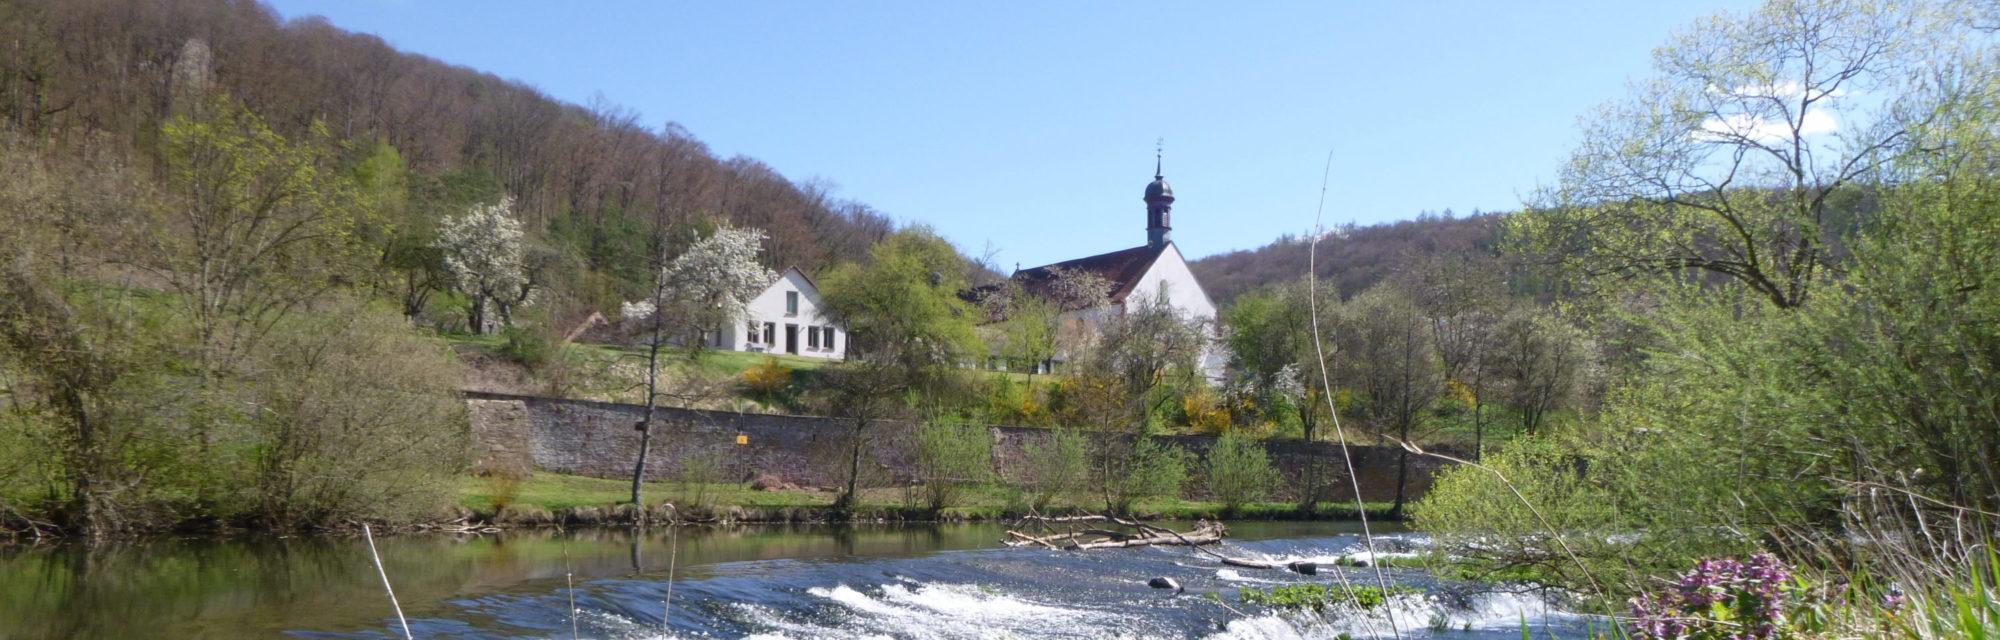 Kloster Schönau hinter Saale